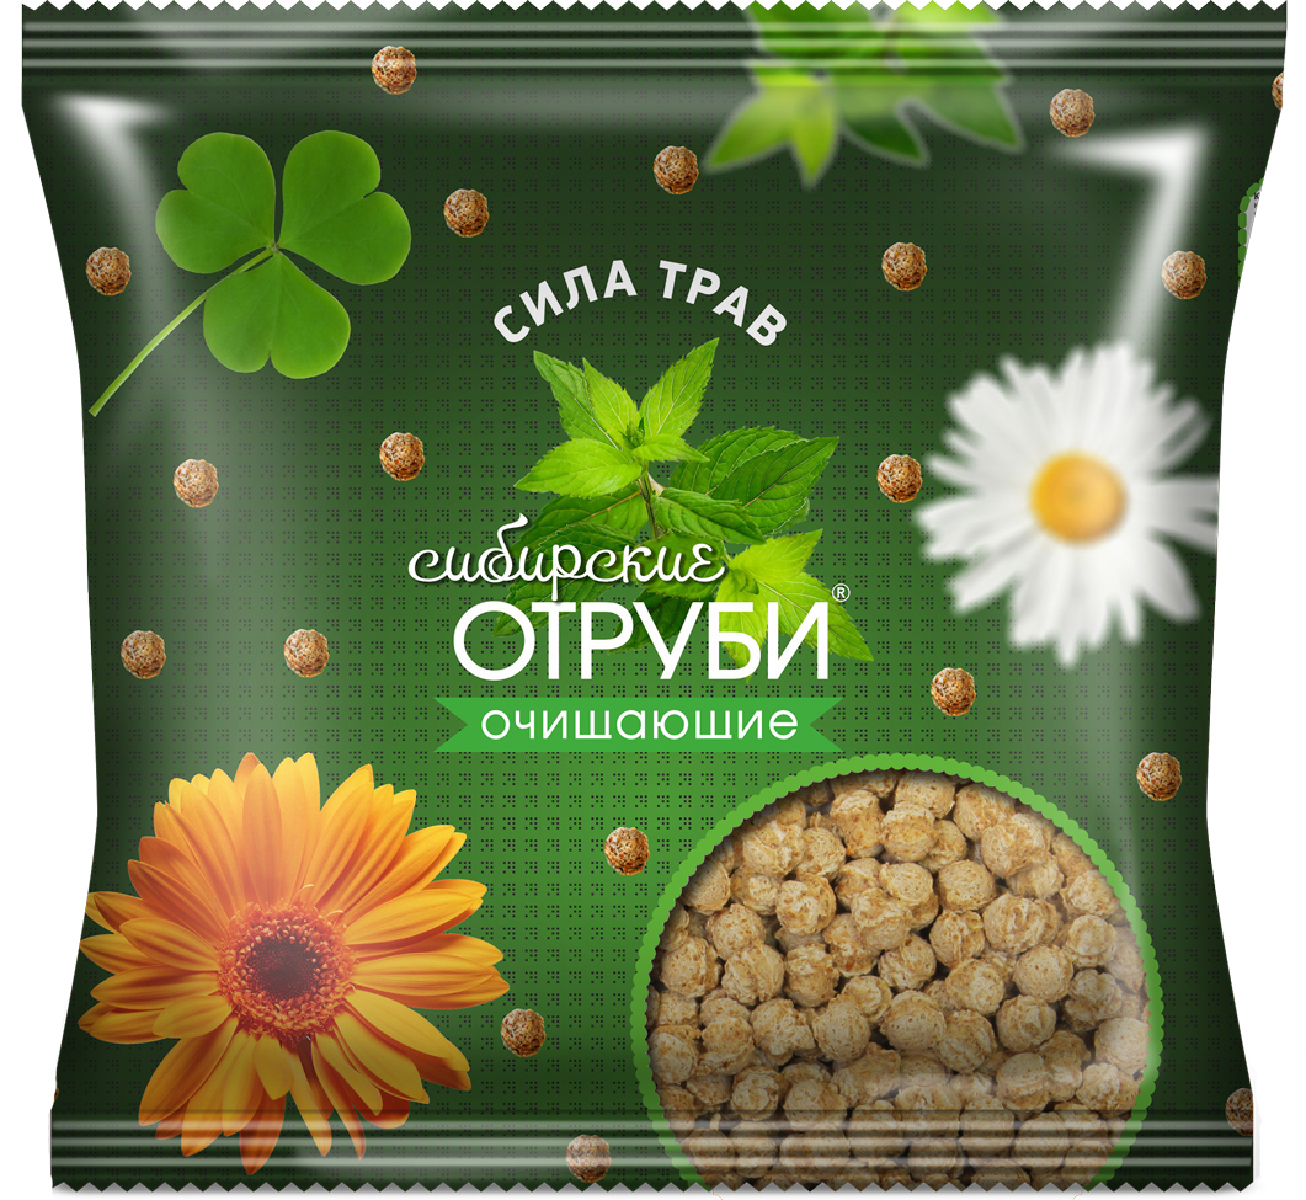 Сибирские Отруби хрустящие сила трав, 100 г сибирские отруби пшеничные натуральные 200 г